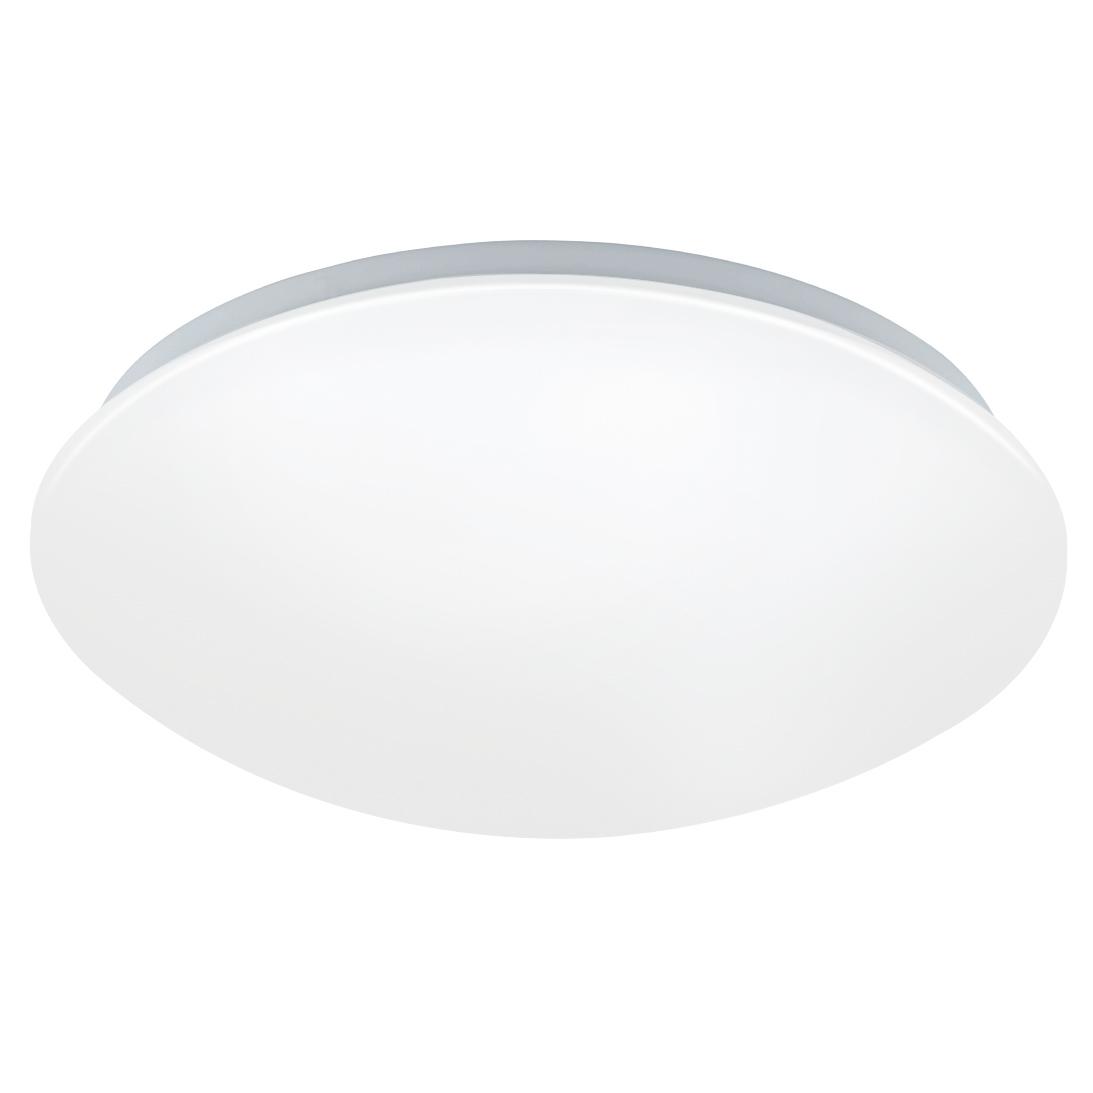 Светильник настенно-потолочный GIRON PRO/PROFESSIO EGLO 61505 - Фото №28